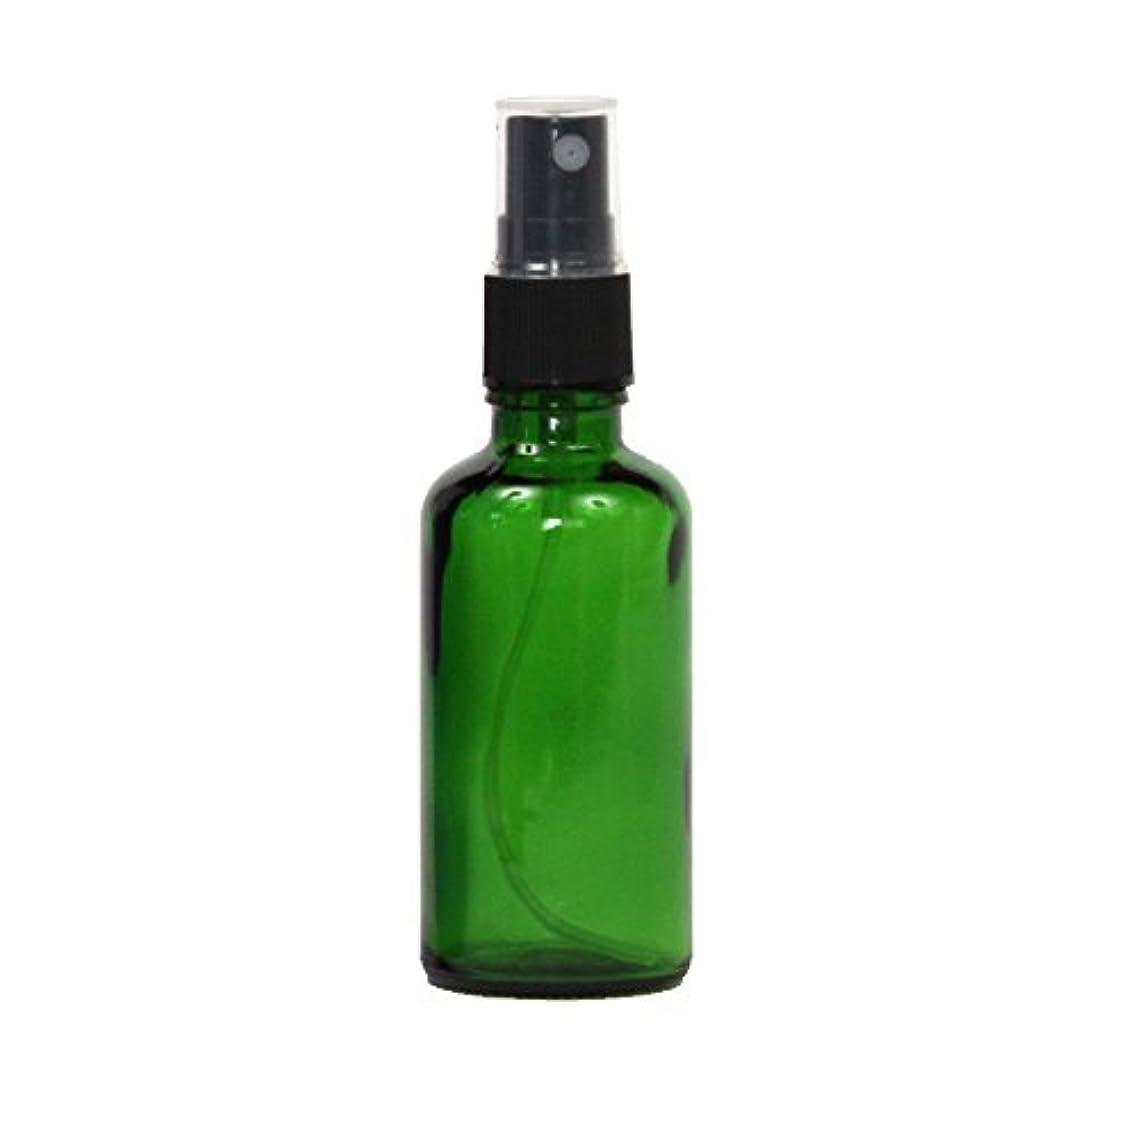 才能刈るウッズスプレーボトル容器 ガラス瓶 50mL 遮光性グリーン ガラスアトマイザー 空容器gr50g